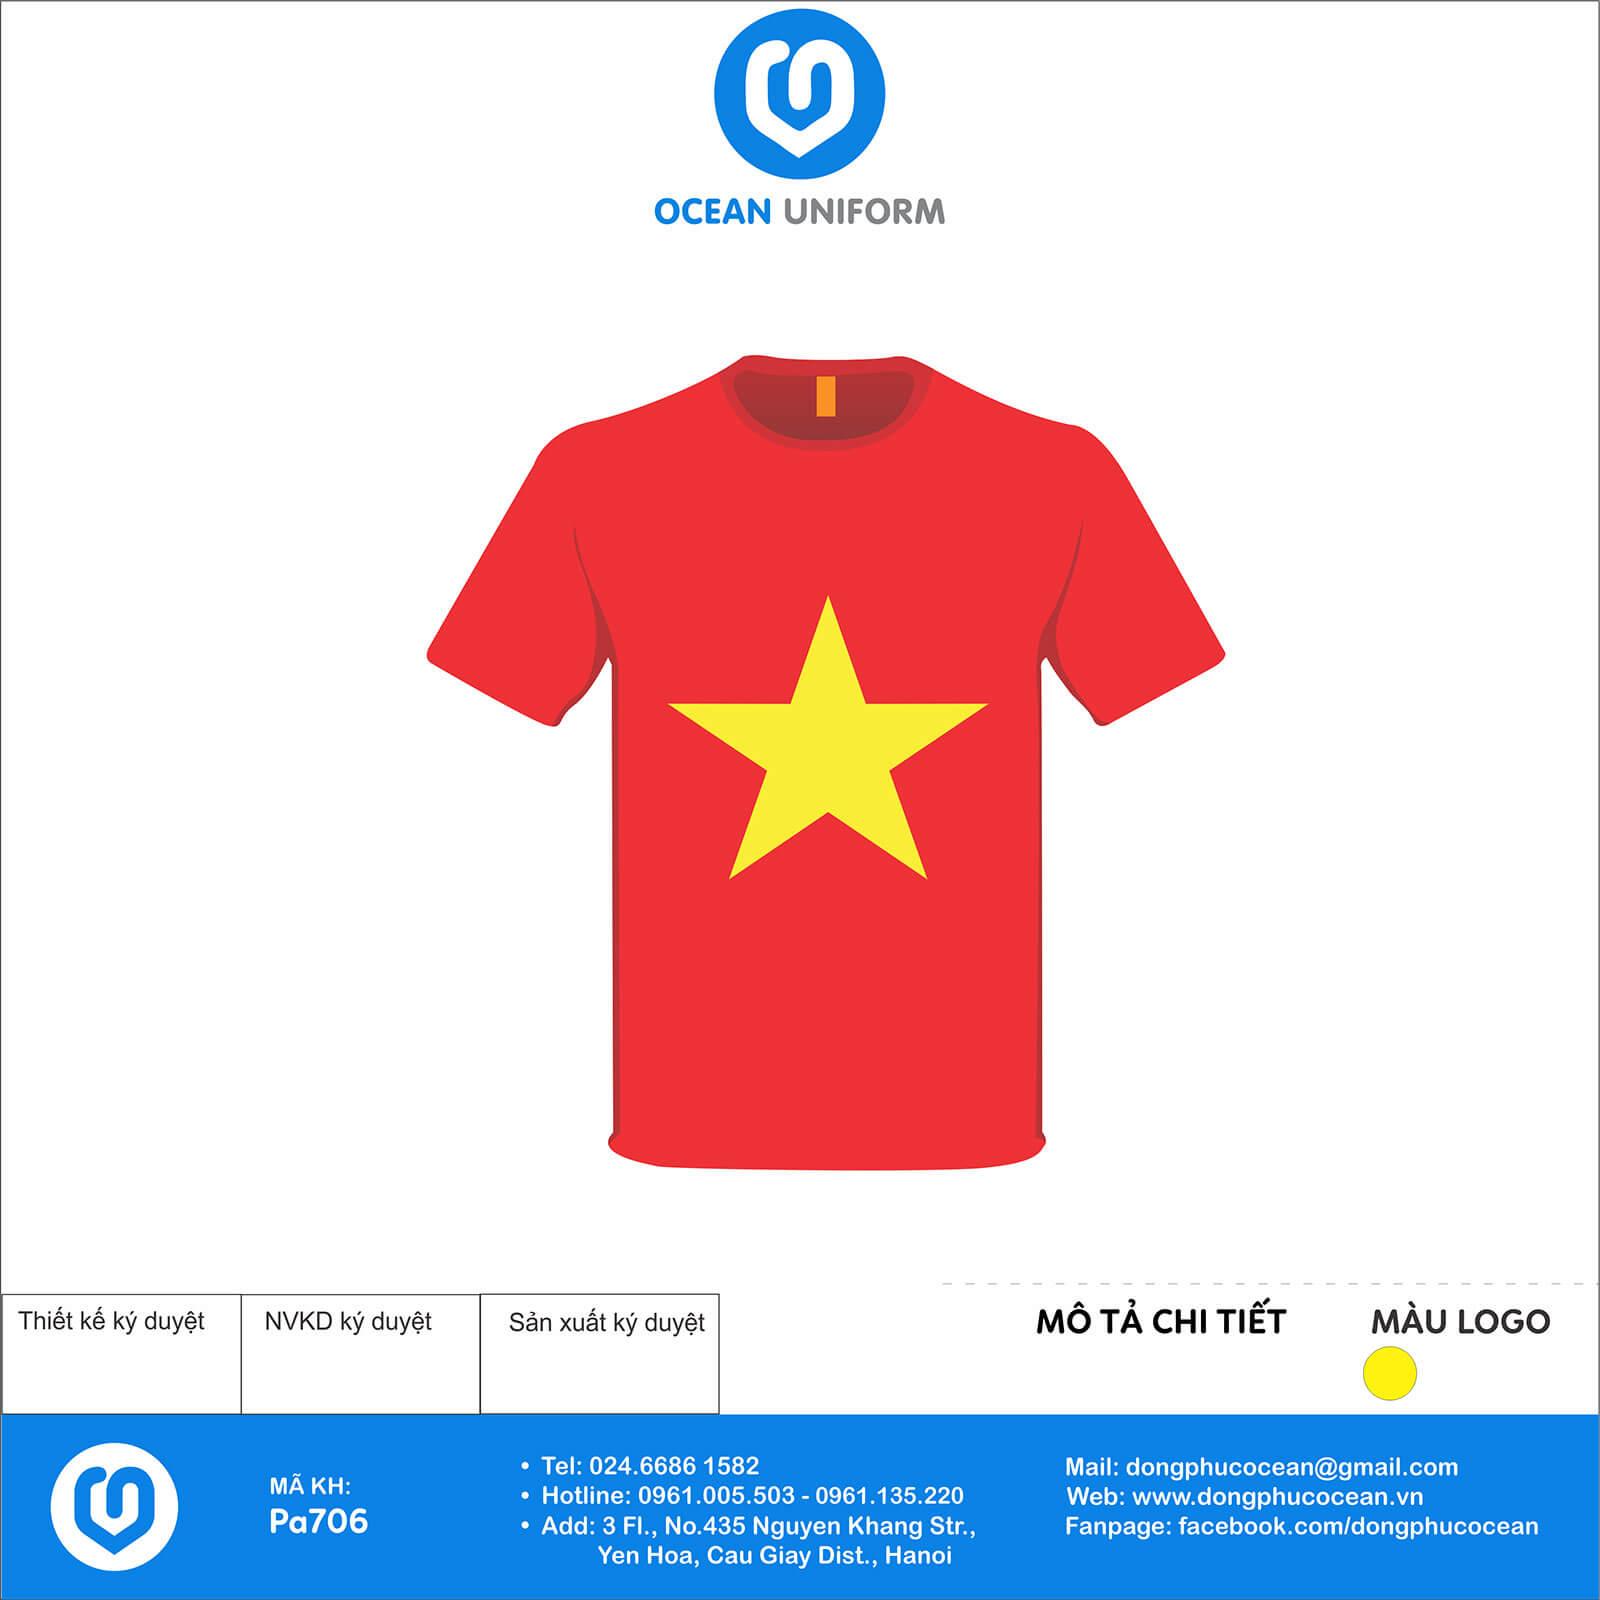 Áo cờ đỏ sao vàng hình bản đồ sau lưng